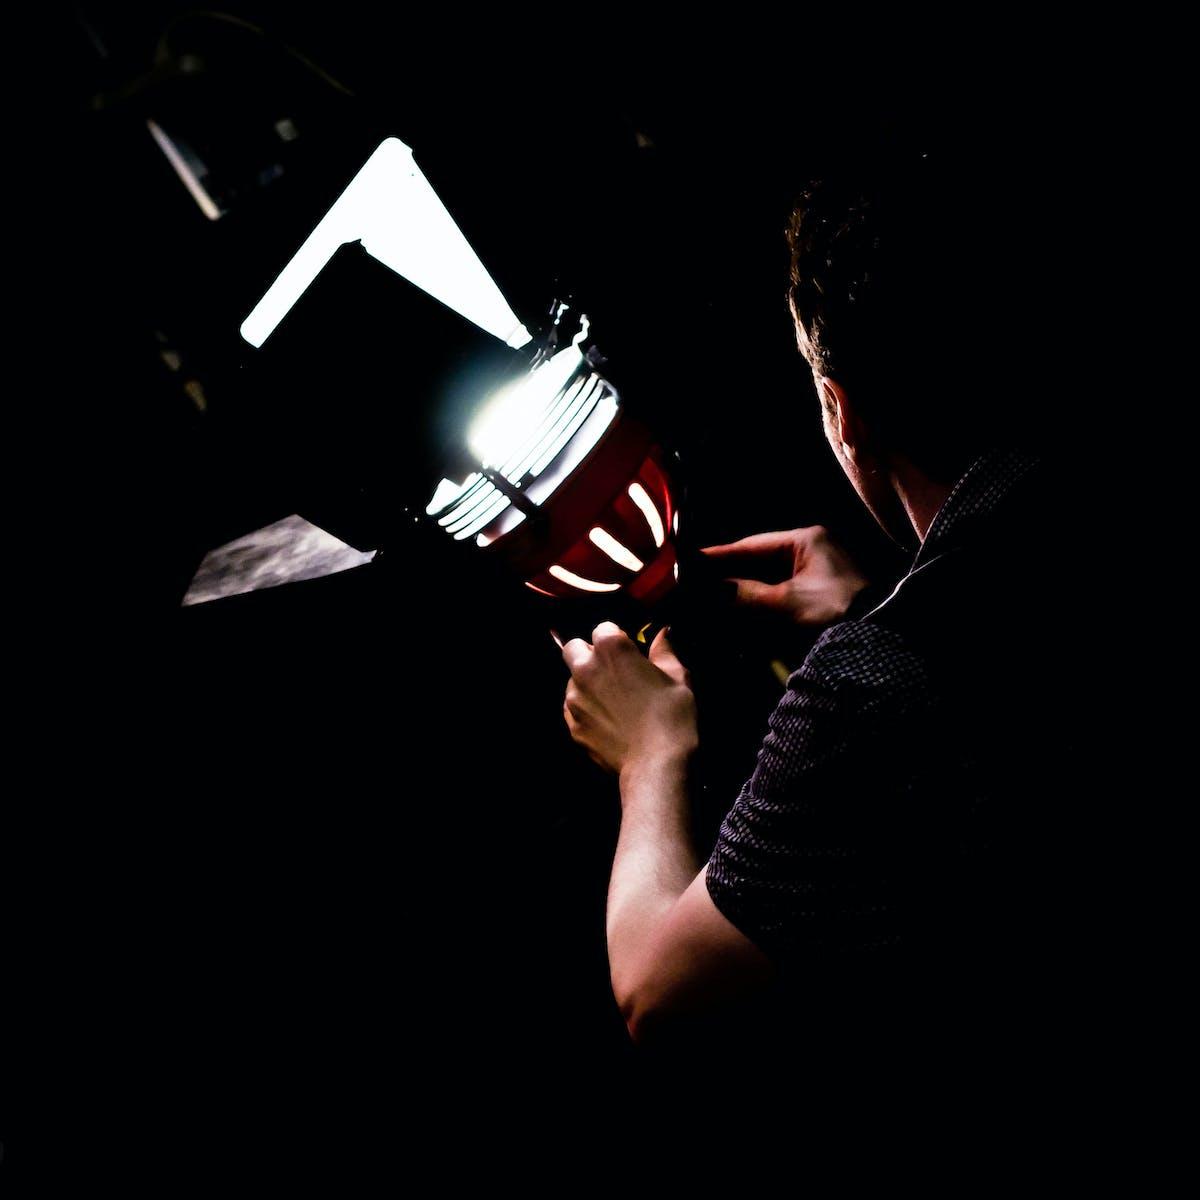 Explainer: film lighting